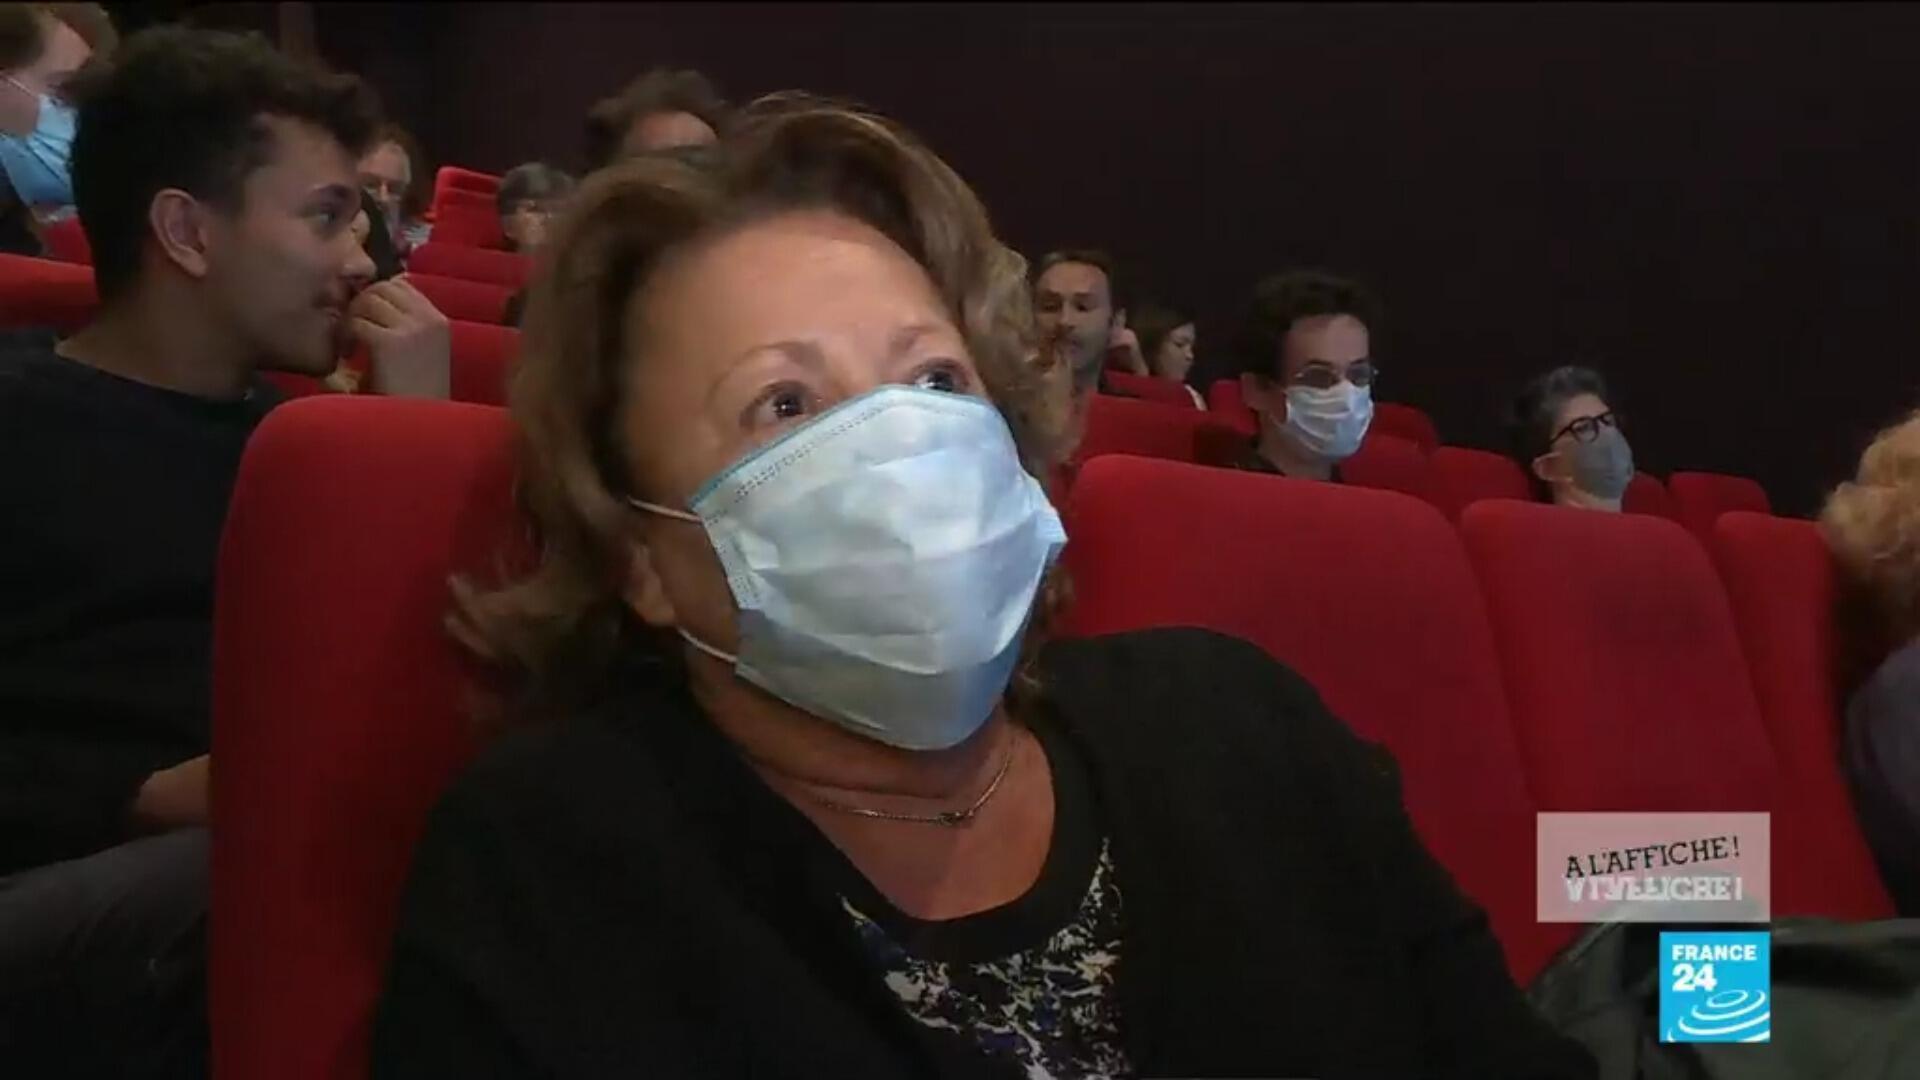 Cinémas réouverture France